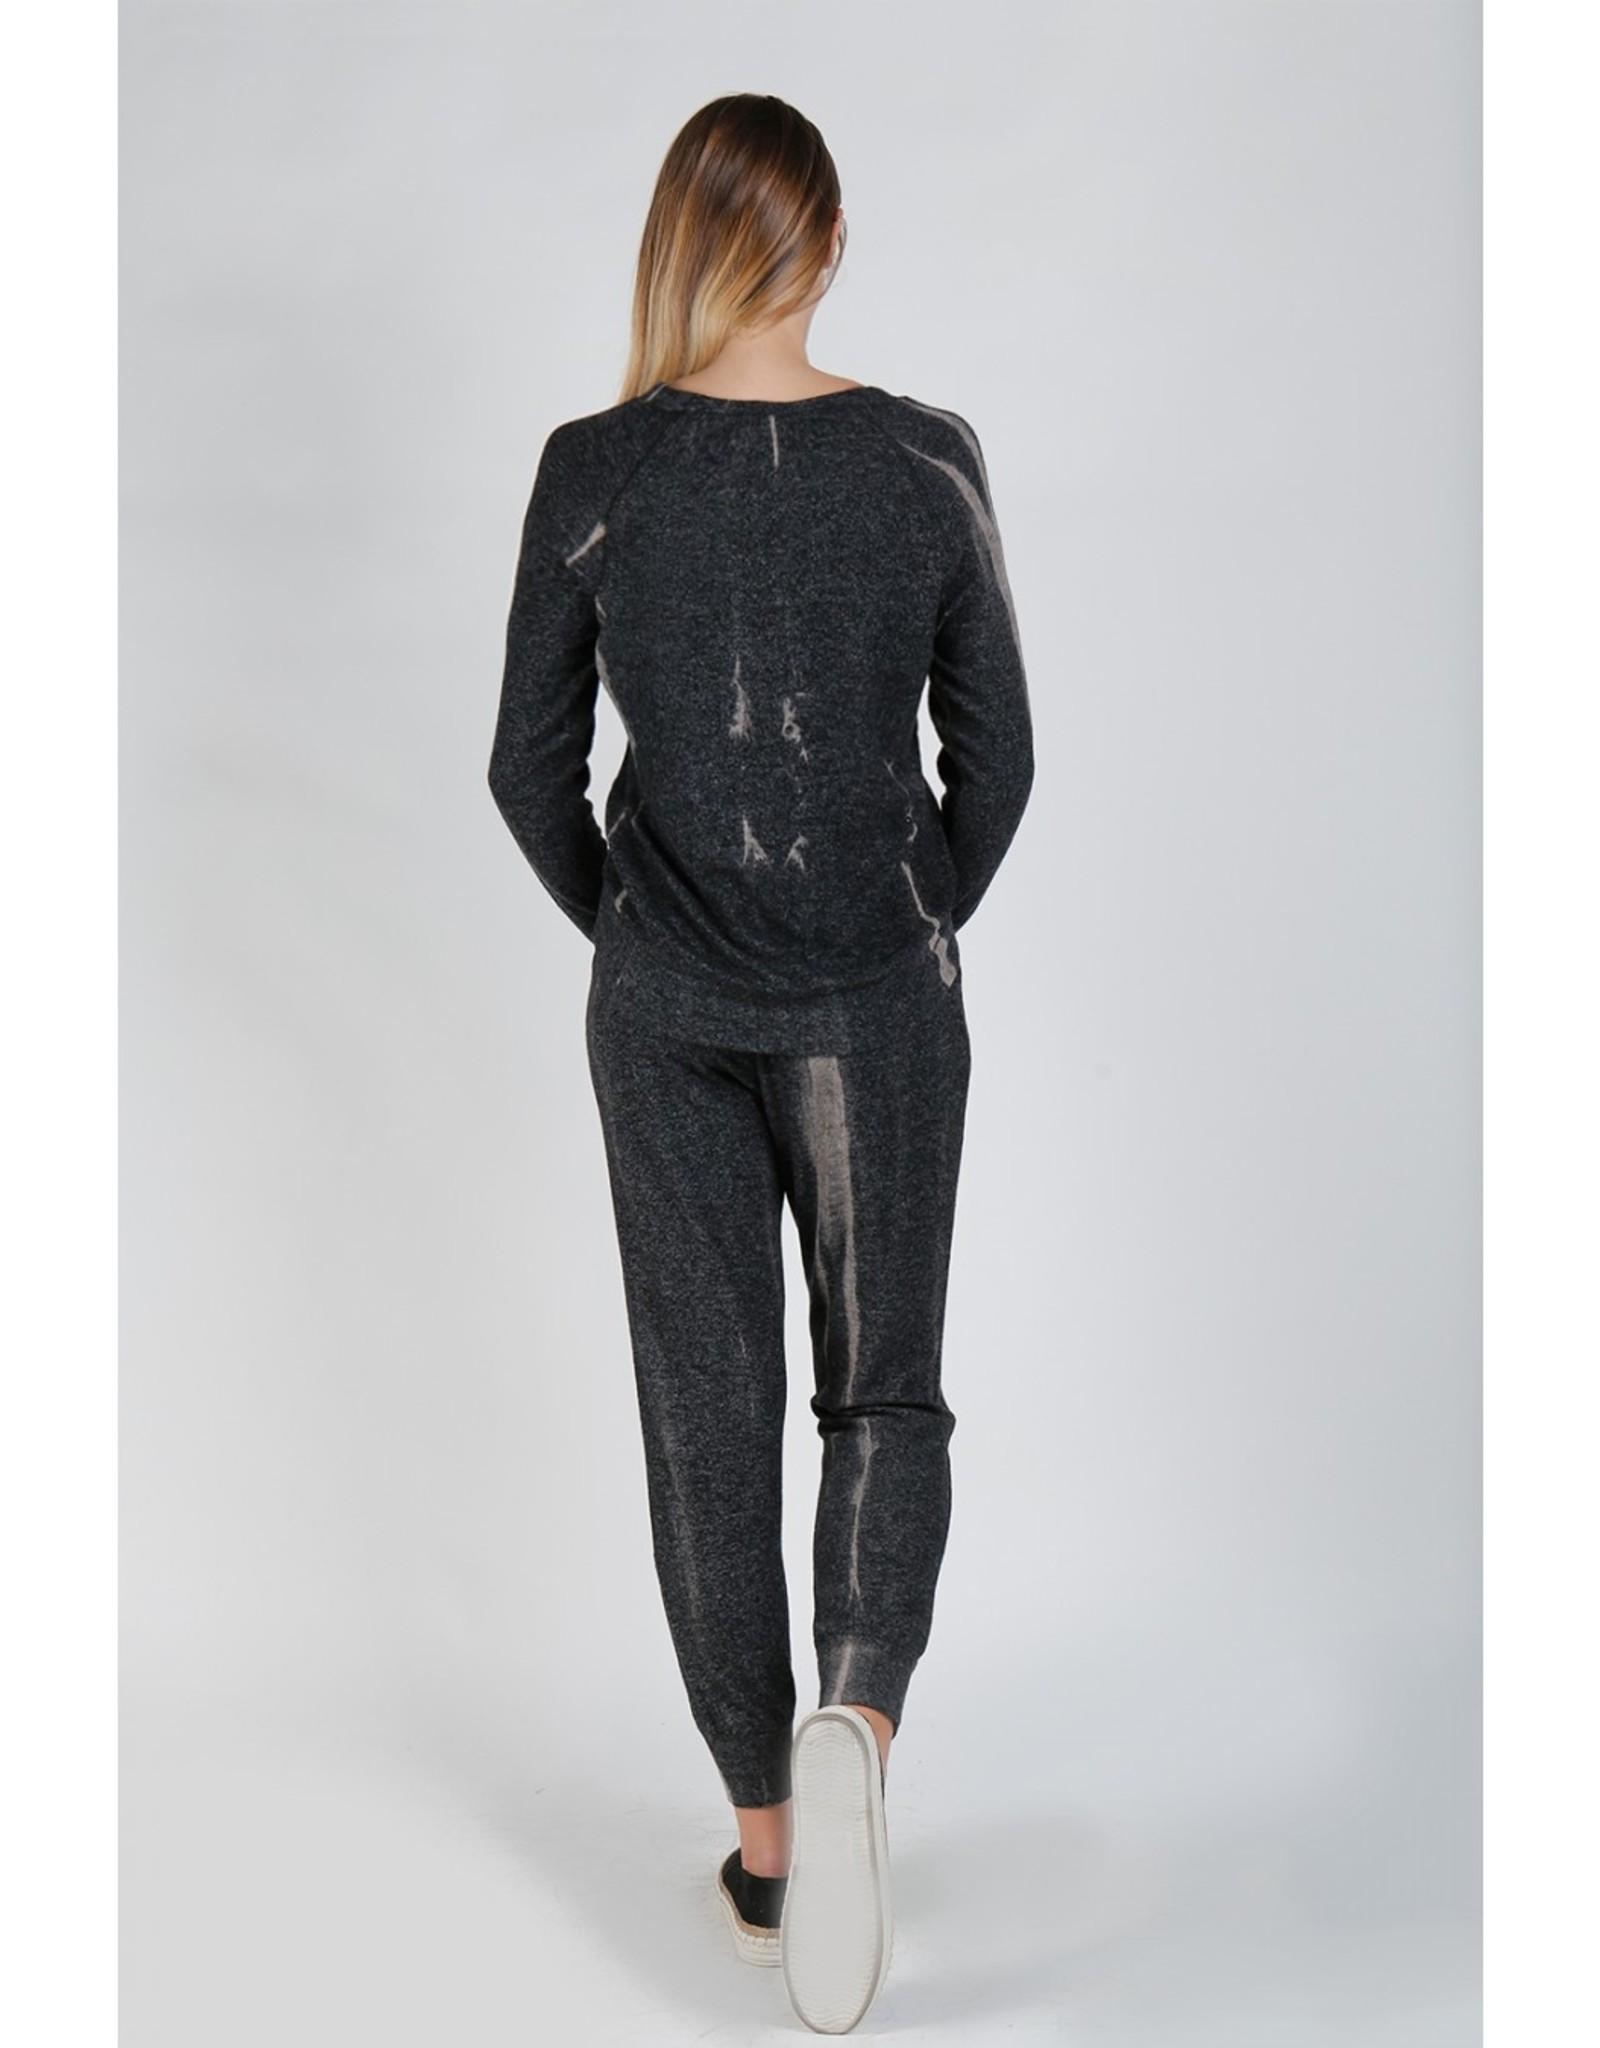 Coin1804 Cozy Raglan Sweatshirt